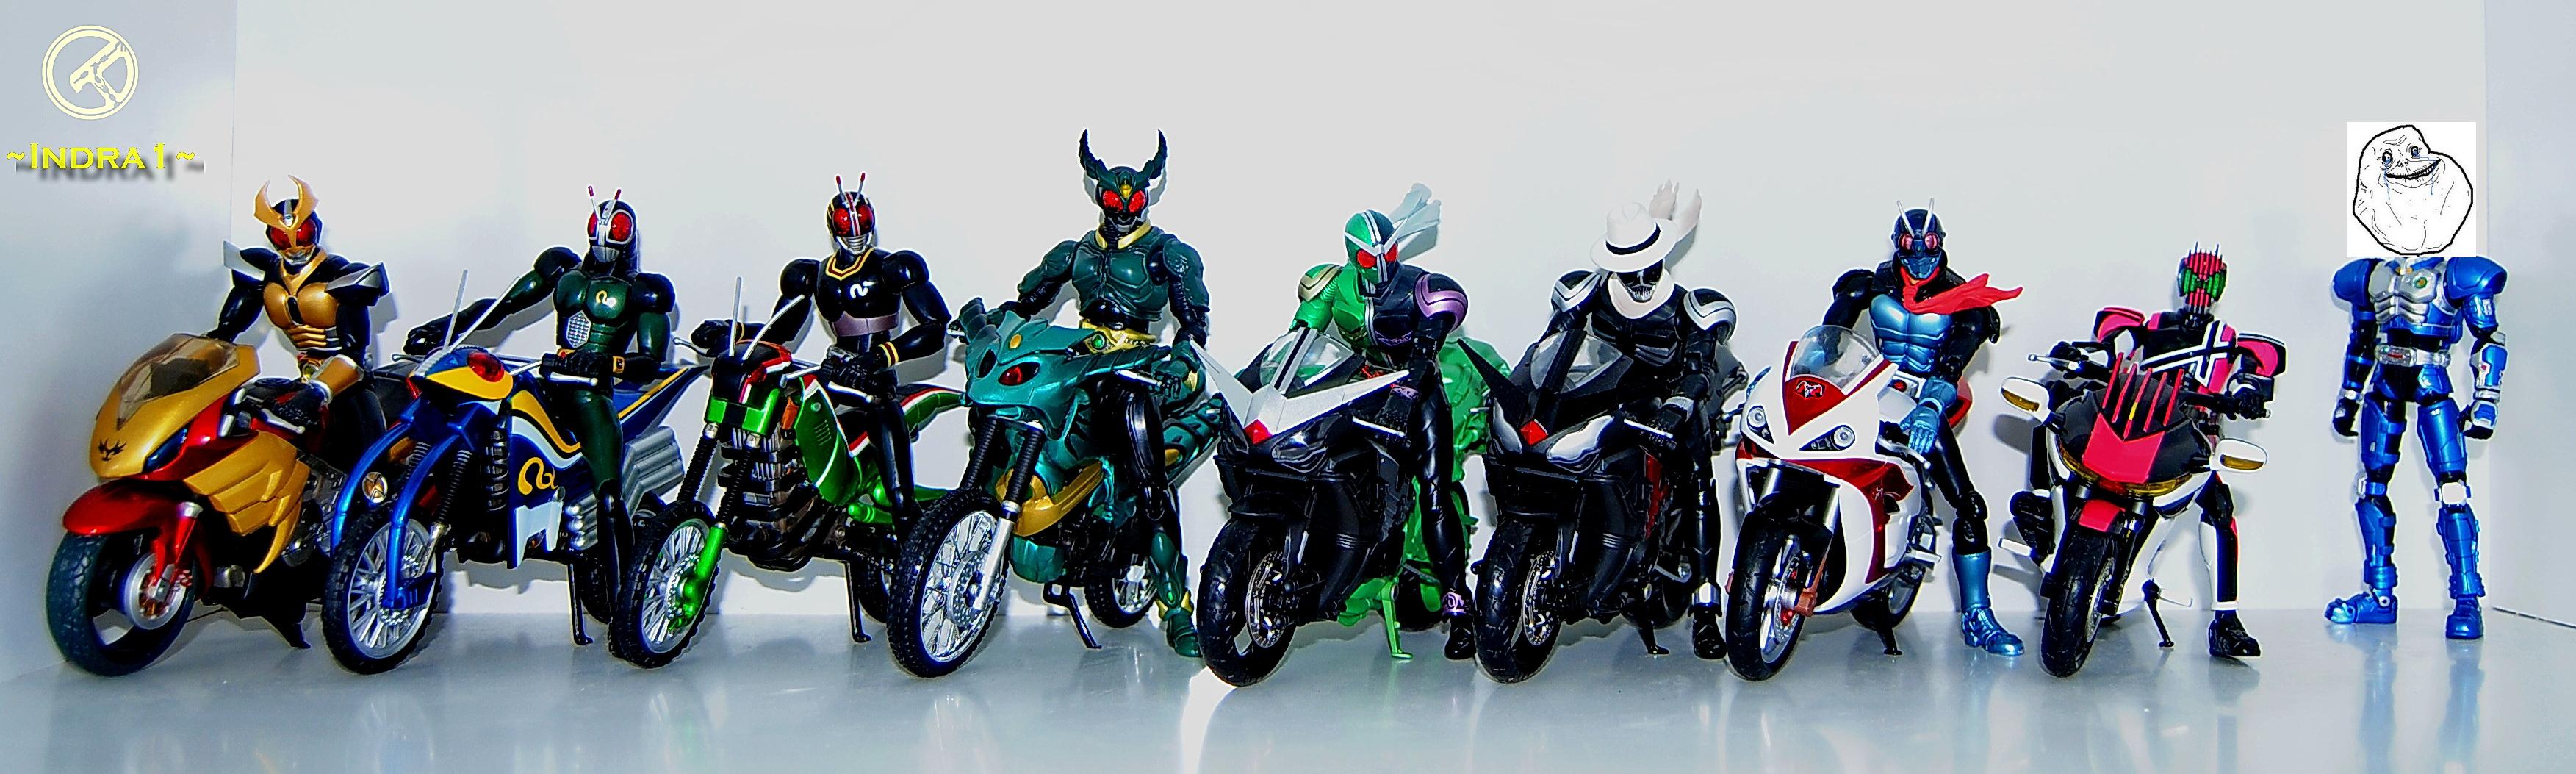 kamen_rider_black bandai kamen_rider_w kamen_rider_agito kamen_rider_black_rx s.h.figuarts kamen_rider_decade kamen_rider_gills kamen_rider_agito_ground_form kamen_rider_x_kamen_rider_double_&_decade:_movie_war_2010 kamen_rider_ichigo kamen_rider_the_first kamen_rider_double_cyclone_joker kamen_rider_skull kamen_rider_g3 skullboilder